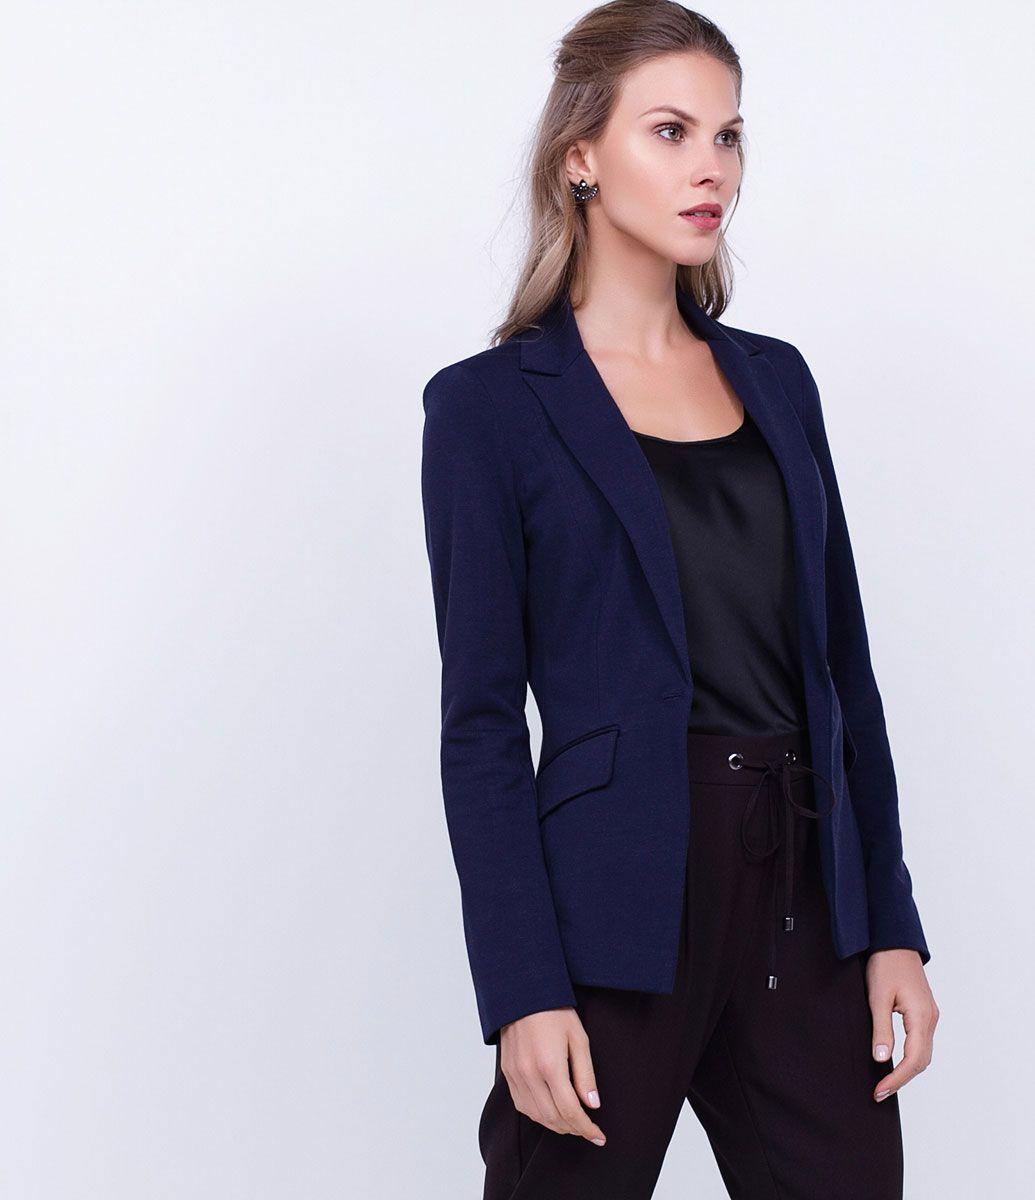 Blazer feminino  Modelo alongado  Com bolso  Marca: Cortelle  Tecido: malha com elastano  Composição: 76% poliéster; 21% viscose e 3% elastano  Modelo veste tamanho: 36     COLEÇÃO INVERNO 2016     Veja outras opções de    blazers femininos.